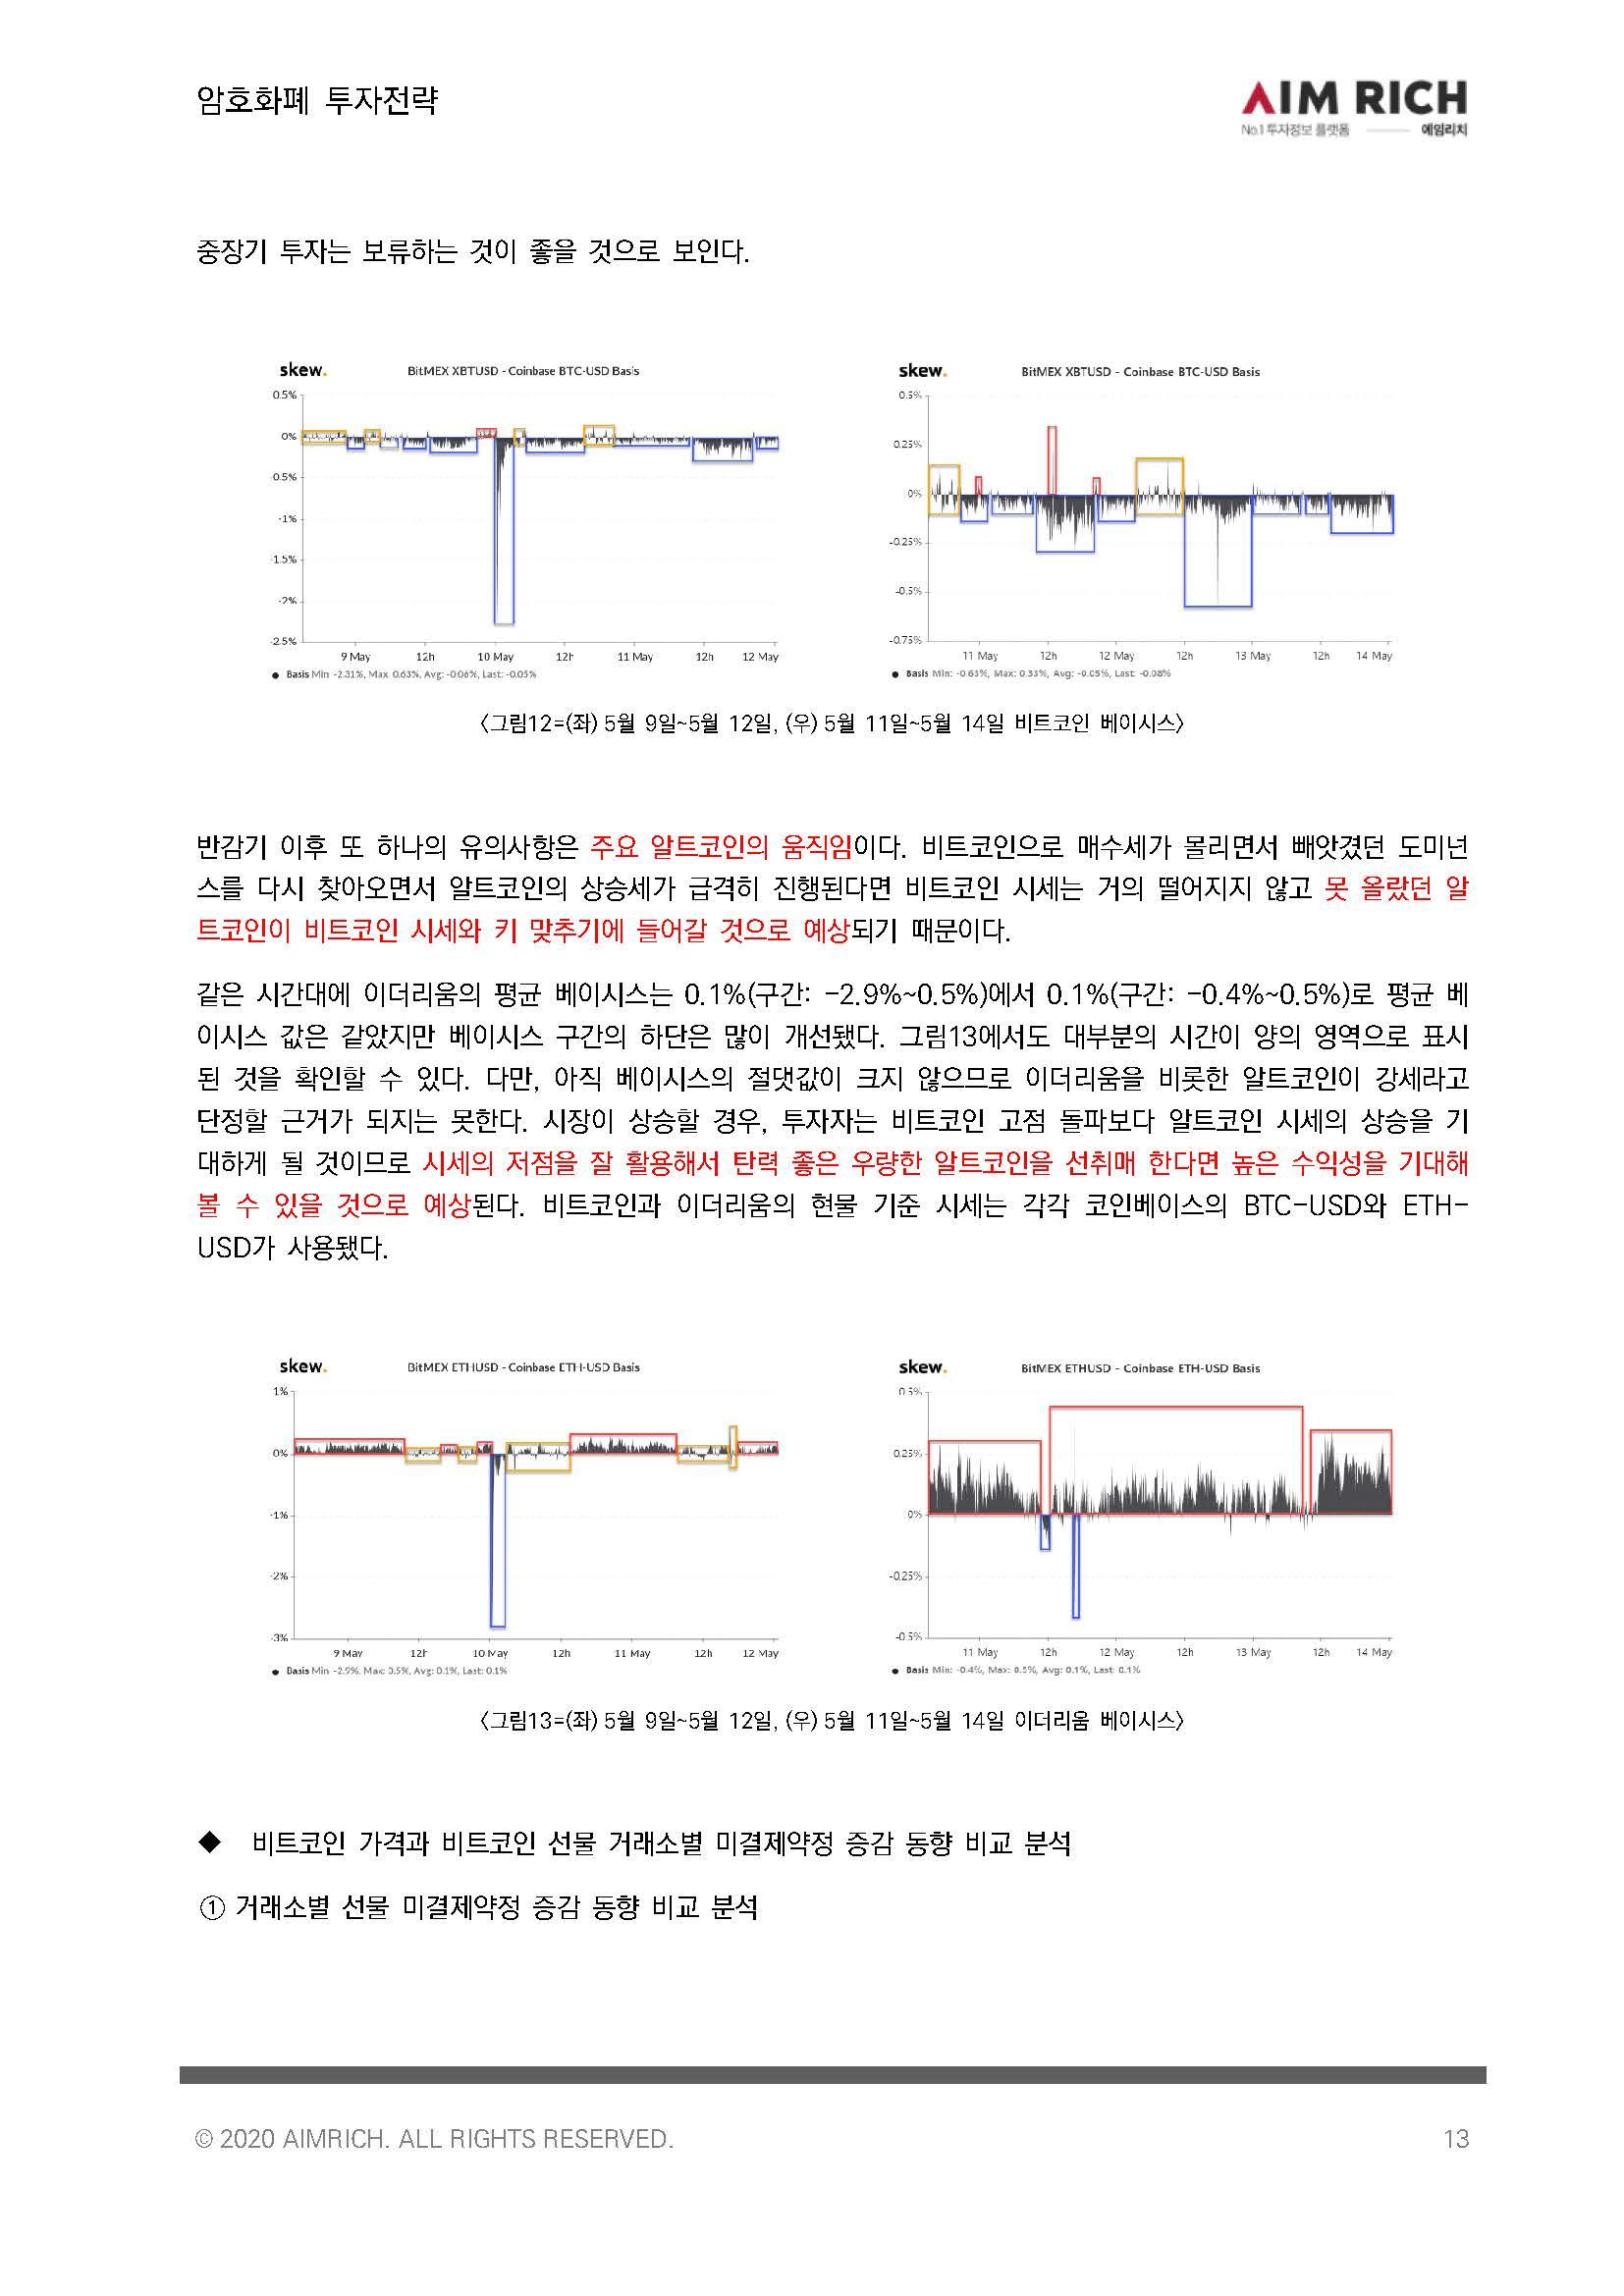 [투자전략]비트코인, 주요 자산 중 연초대비 수익률 1위로 '강세'_20200514_페이지_13.jpg